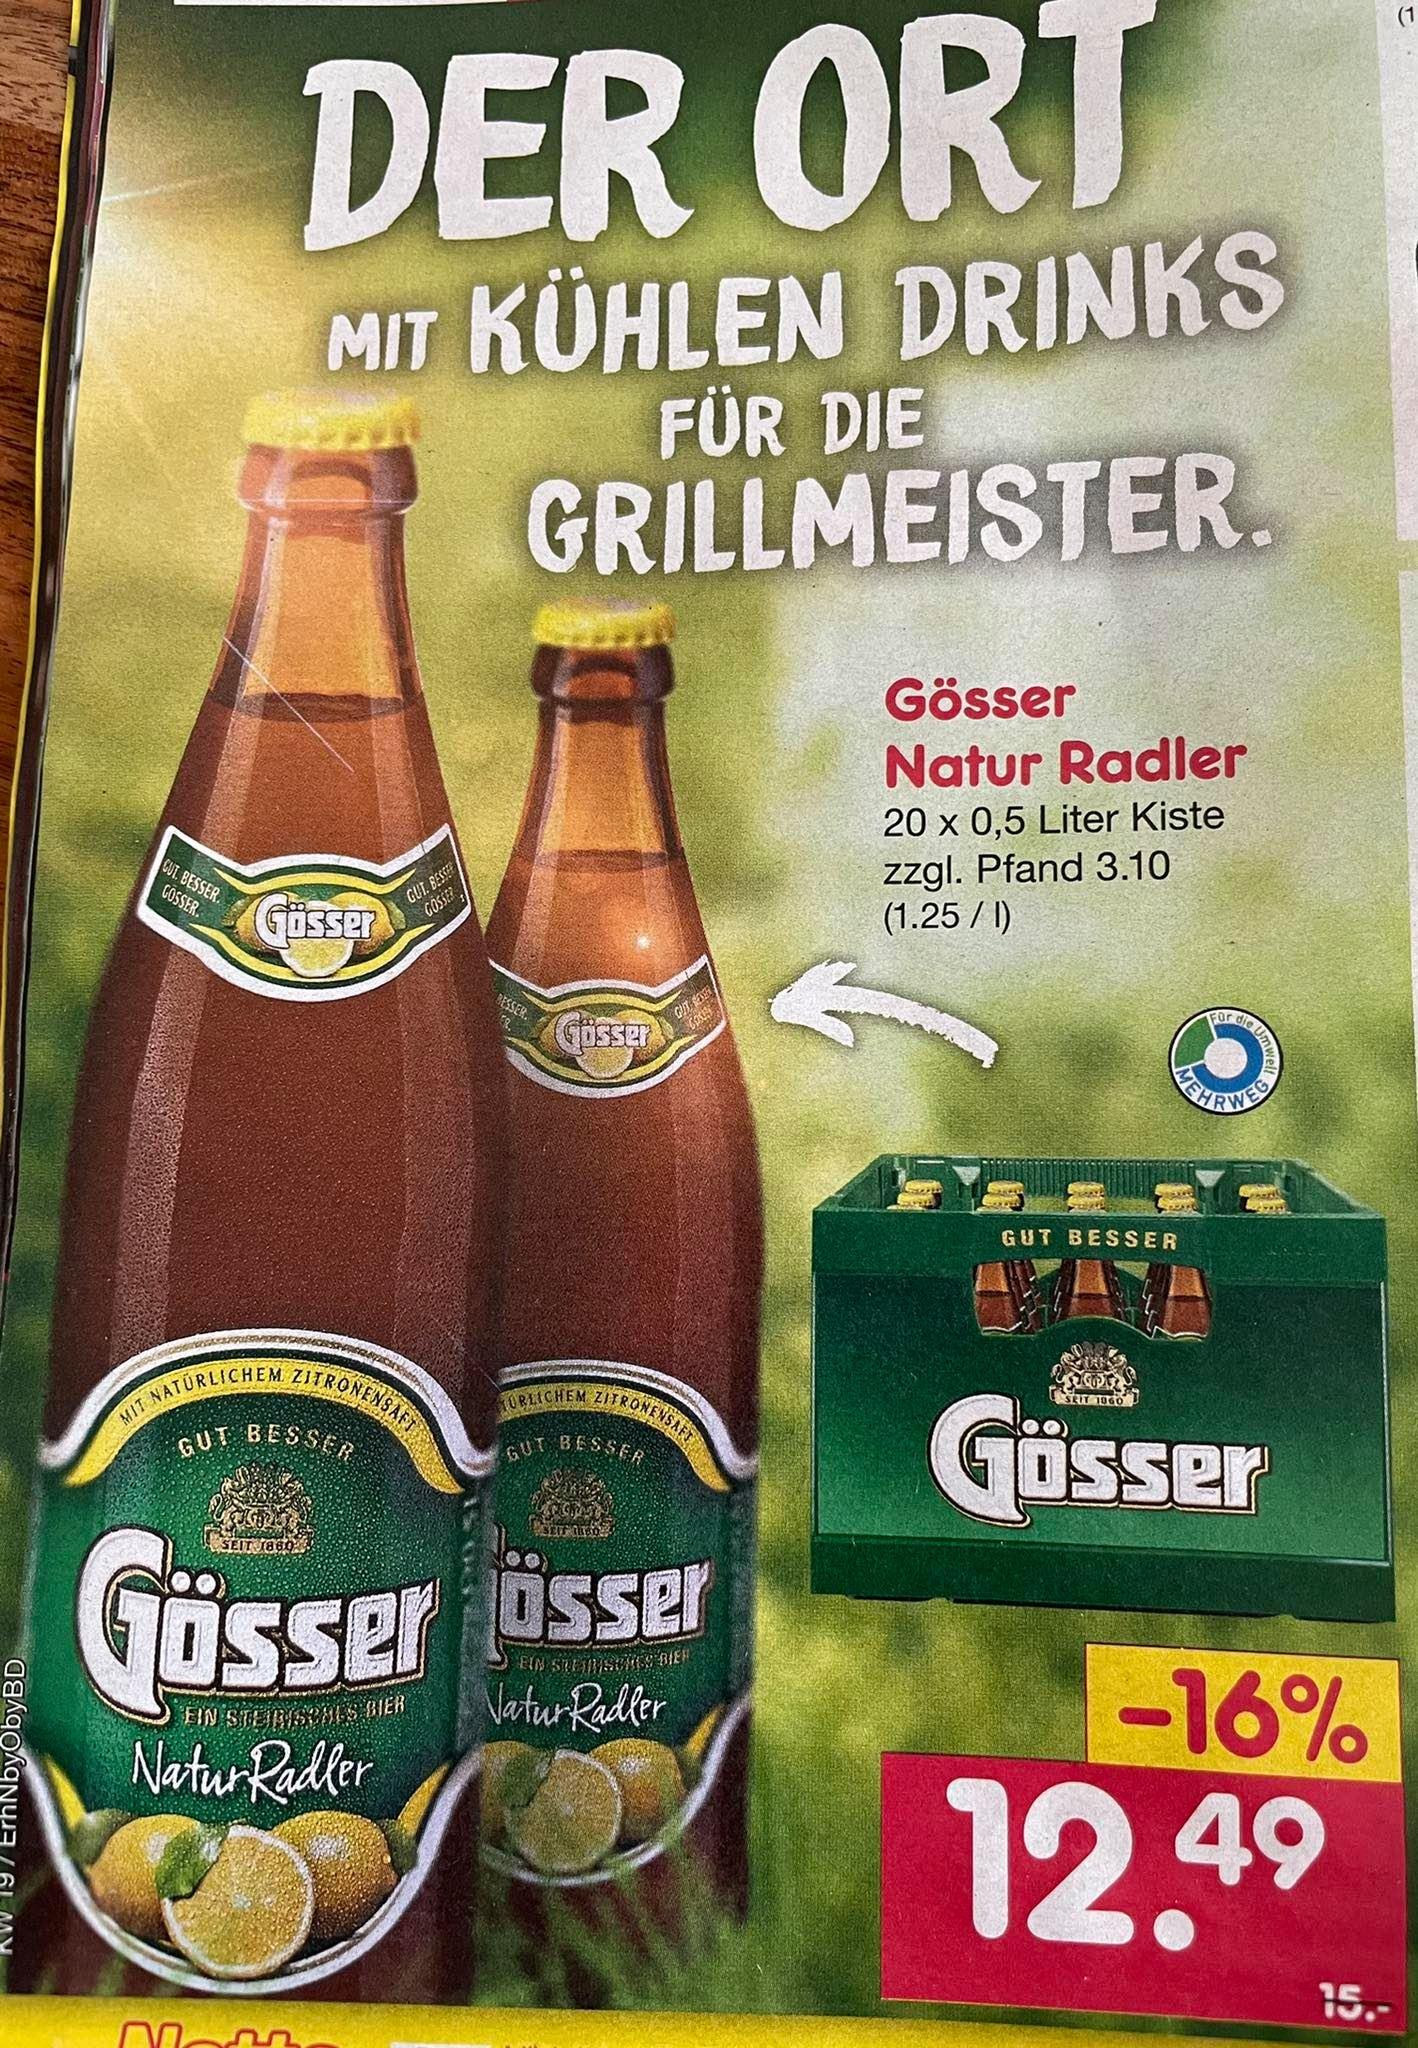 Gösser Natur Radler, 20 x 0,5l für 12,49€ (zzgl 3,10€/Kasten Pfand) [Netto Marken-Discount + Edeka Südbayern]